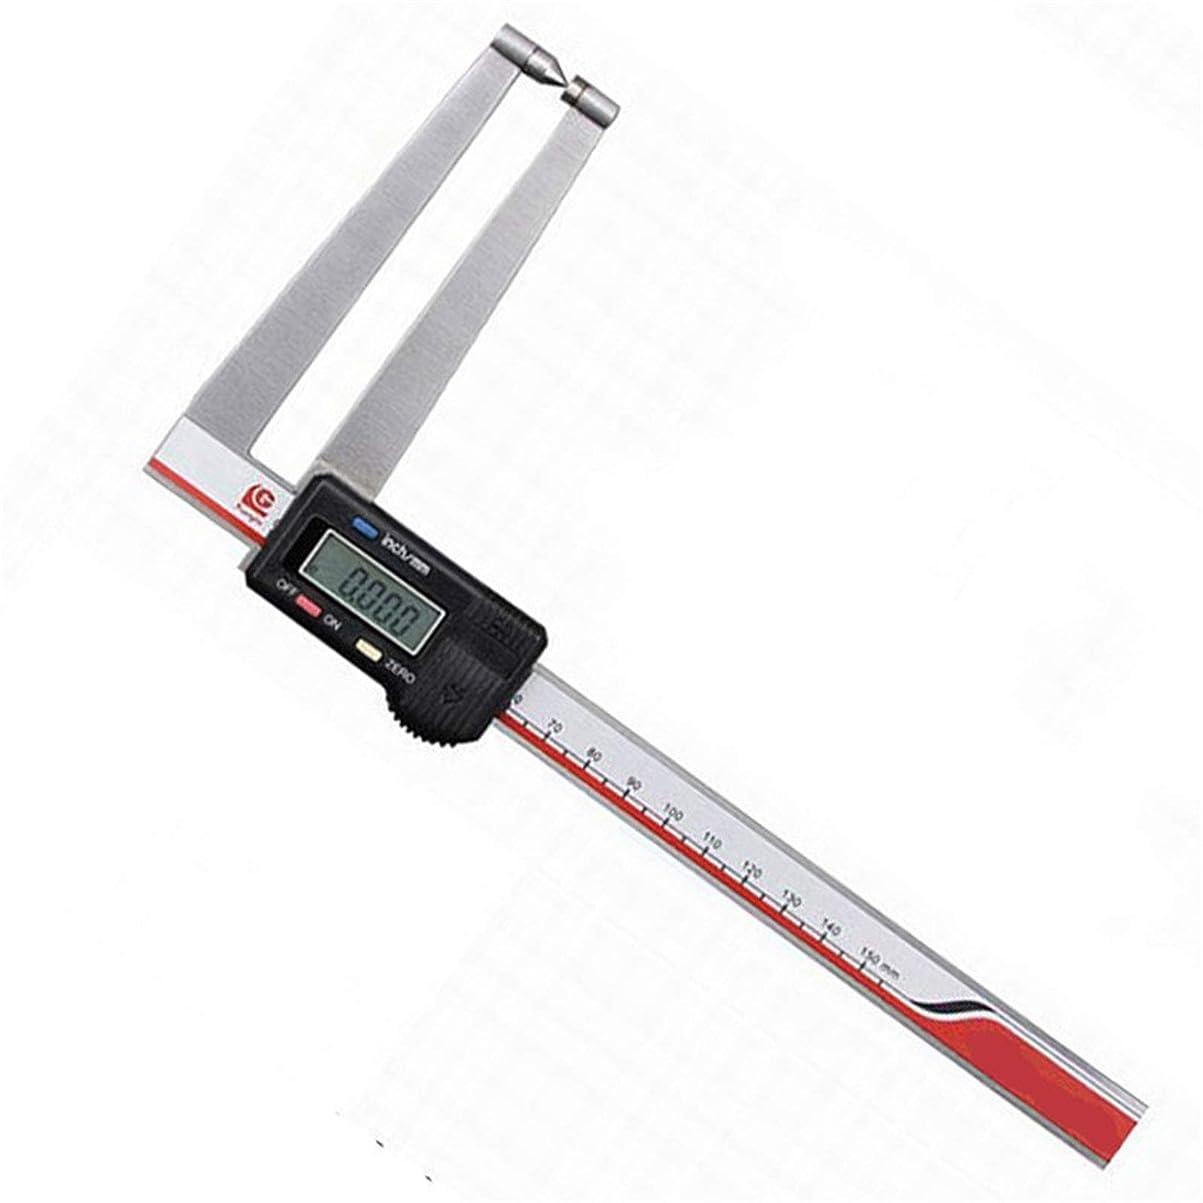 アシュリータファーマン教える共産主義者デジタル ノギス 6インチ/ 150mMのフラクショナルデジタルノギス(大型ディスプレイ)6インチ150のCeの測定ツール 高精度 コンパクトノギス (Color : Stainless steel, Size : 0-75mm)